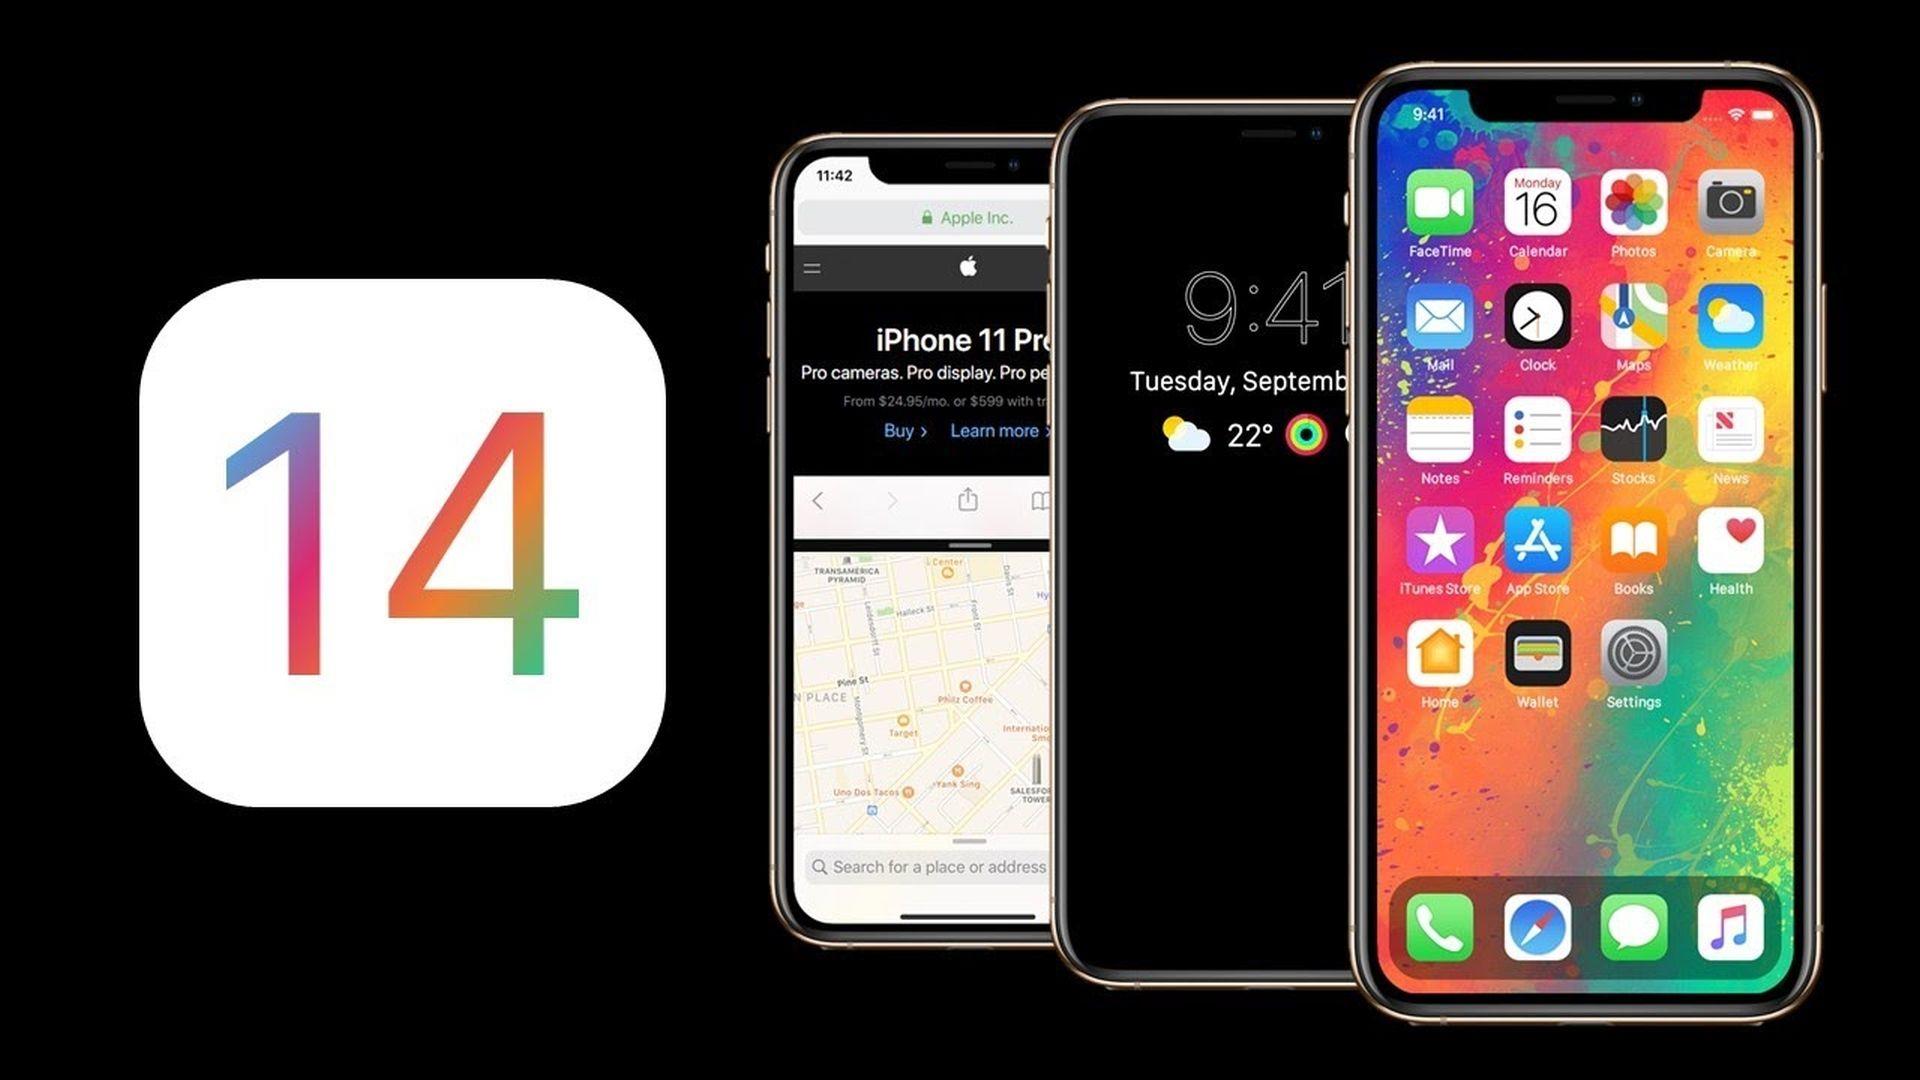 Ciekawa koncepcyjna wizja wyglądu systemu iOS 14